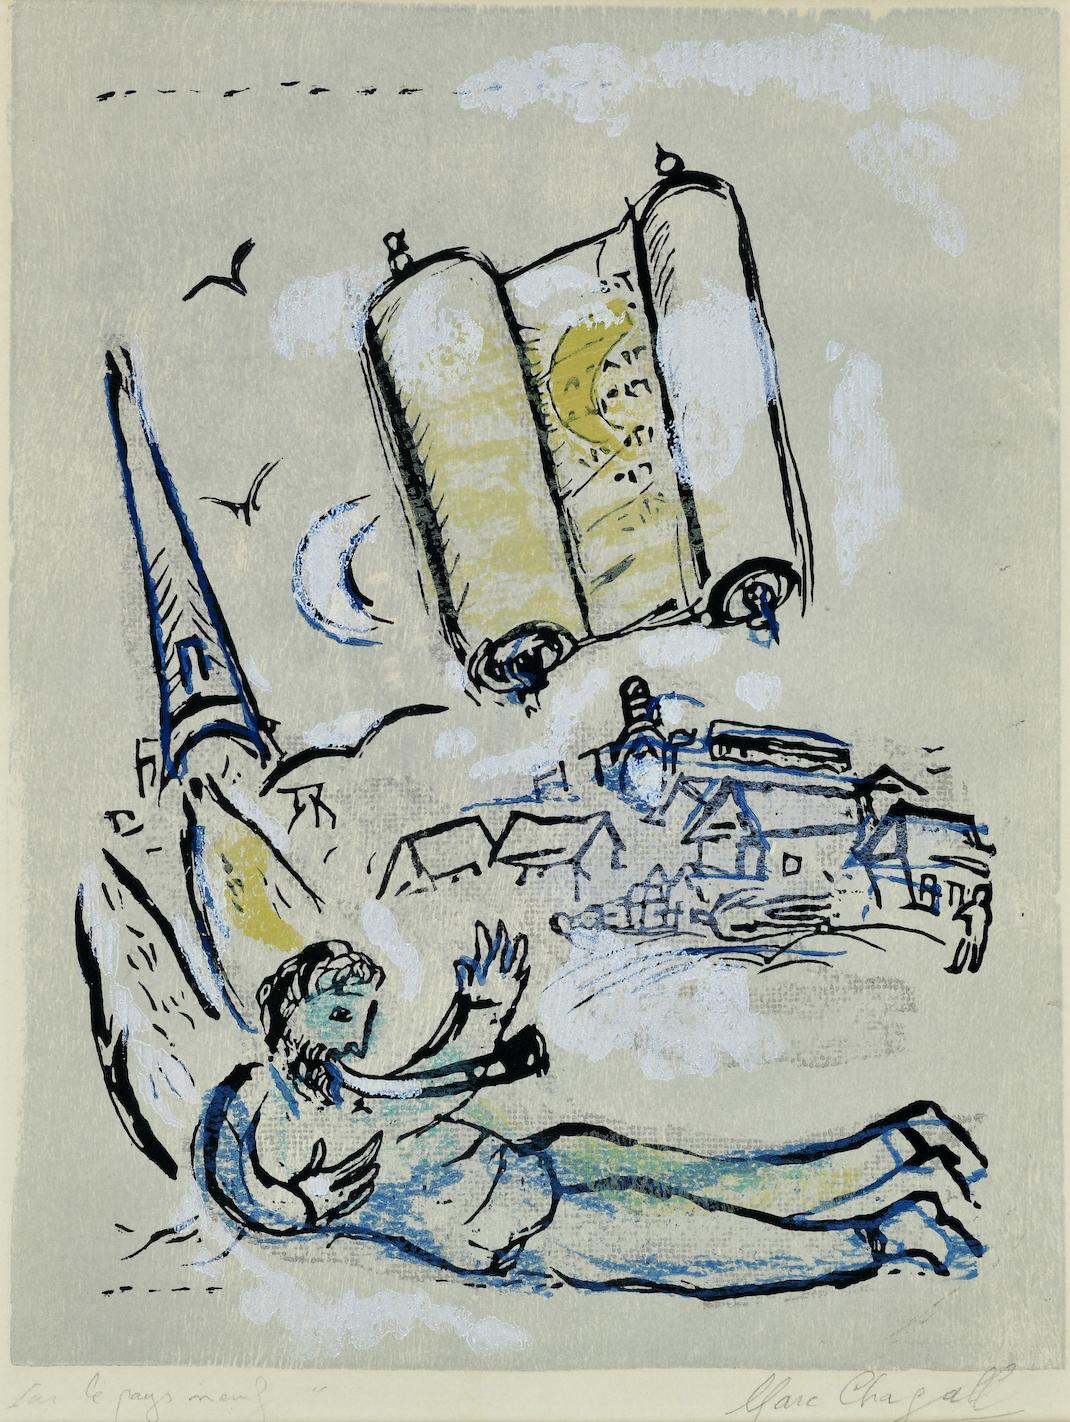 Марк Шагал, з серії «Вірші», 1968. З колекції Вадима Мороховського